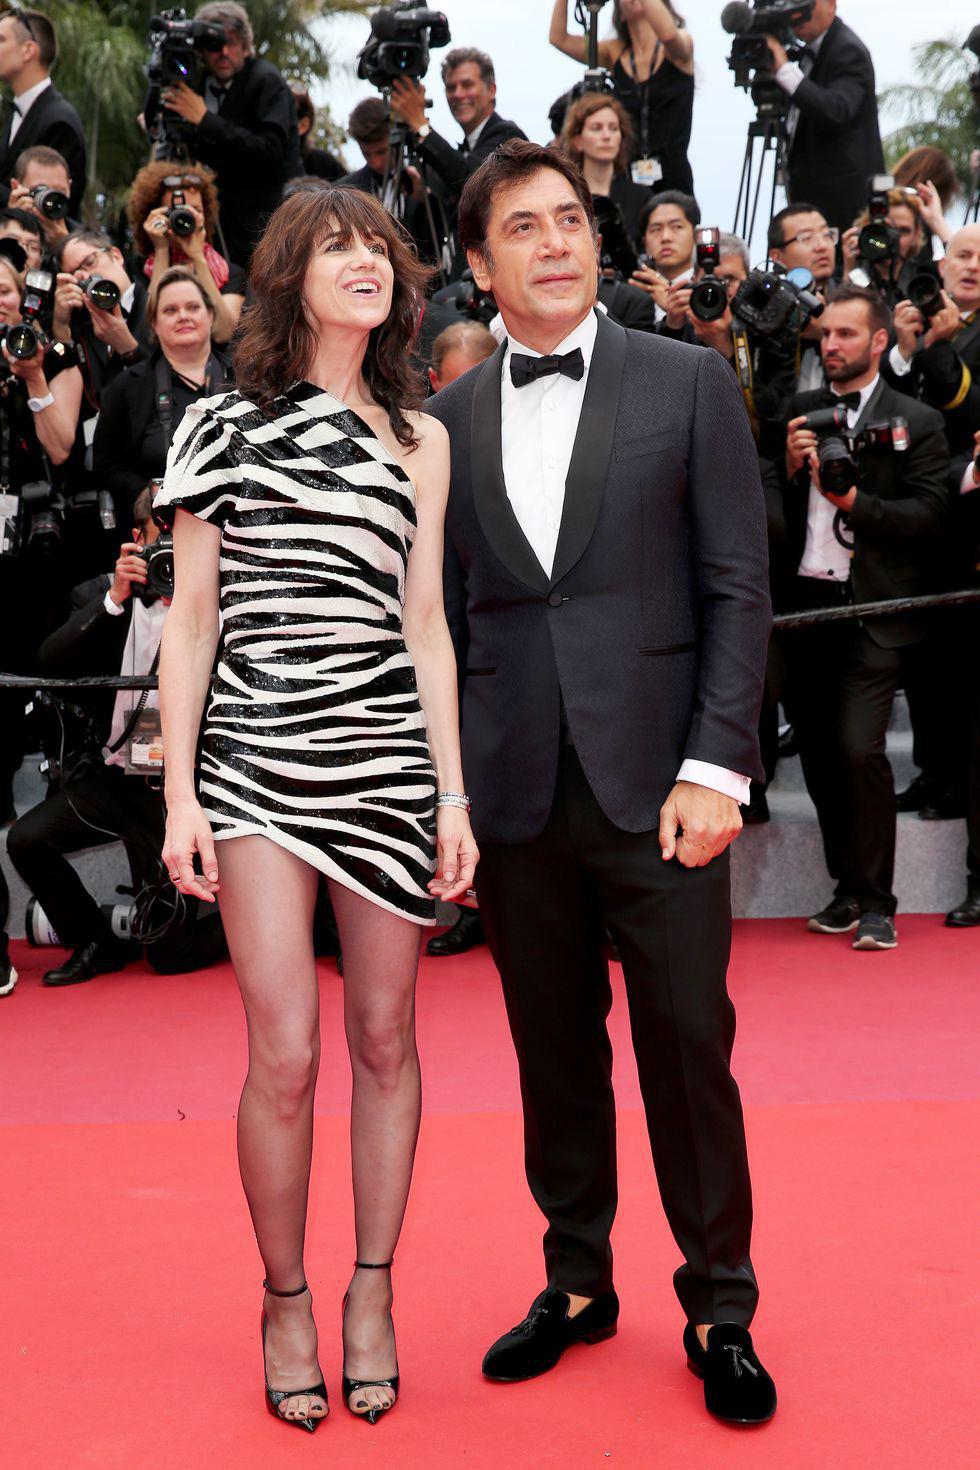 Cannes khai mạc với zombie, chính trị và bình đẳng giới - Ảnh 11.